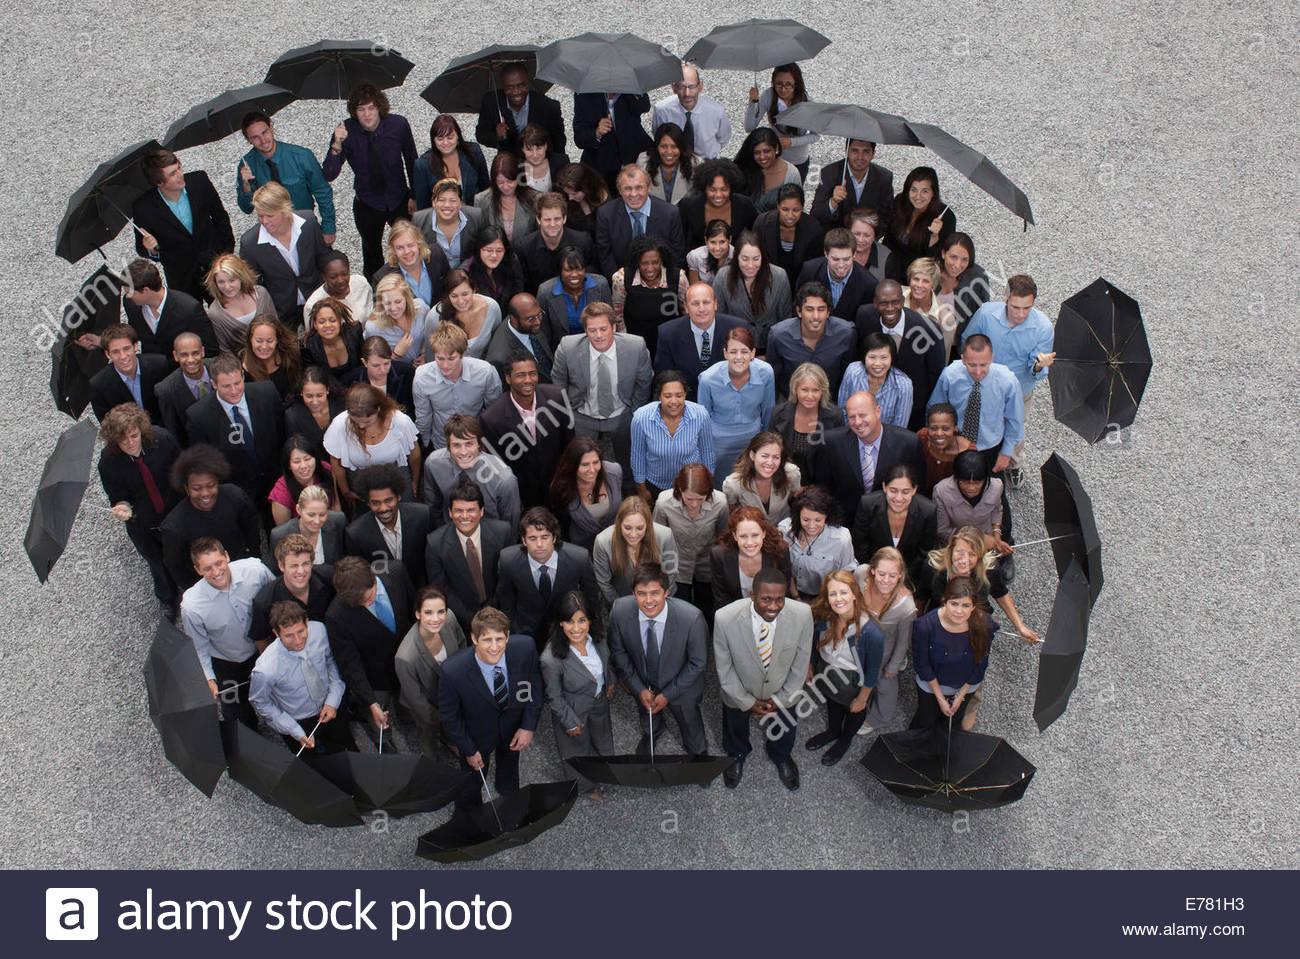 La gente de negocios con sombrillas Imagen De Stock